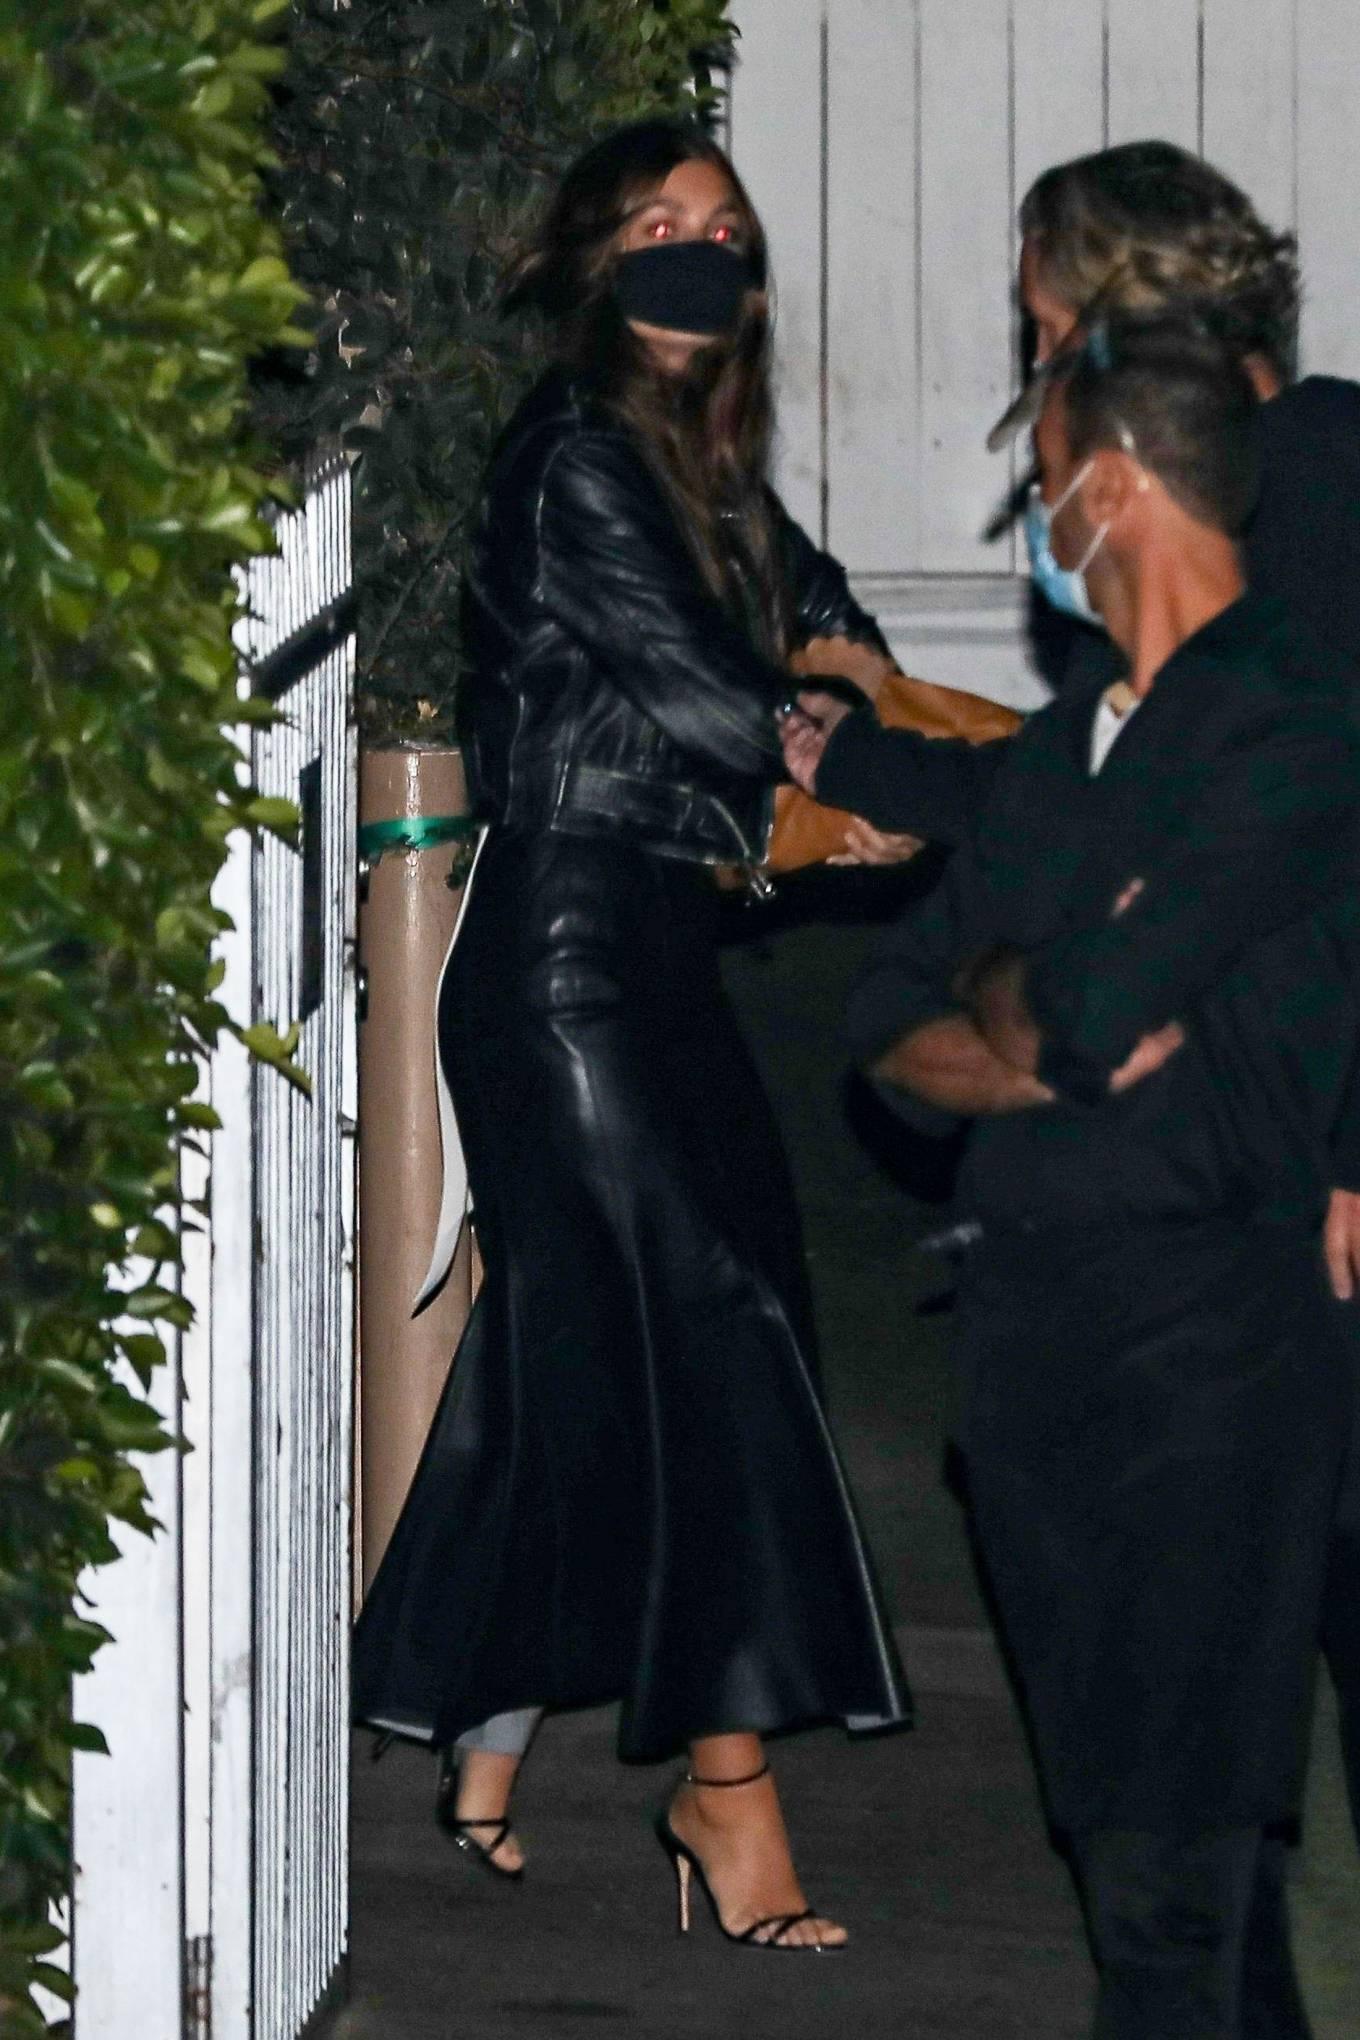 Camila Morrone 2020 : Leonardo DiCaprio and Camila Morrone – Seen with friends at Giorgio Baldi-02